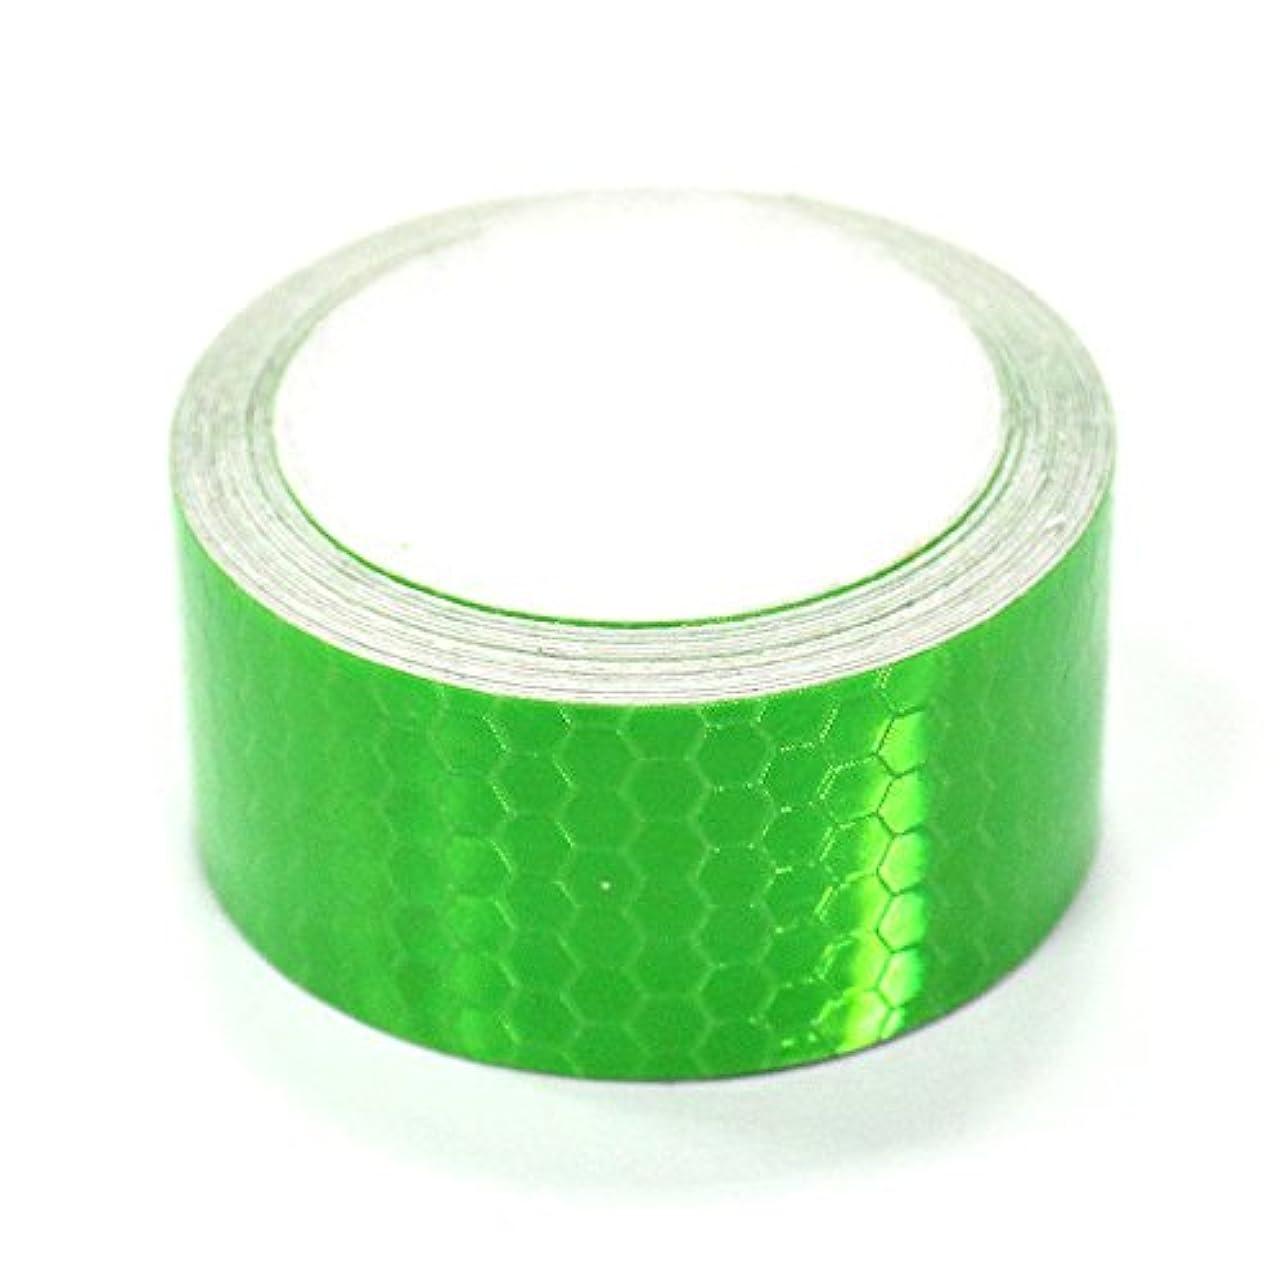 抹消関連する不器用maiqiken 反射テープ 屋外用 2フィート x 9.8フィート (5cm x 3m)